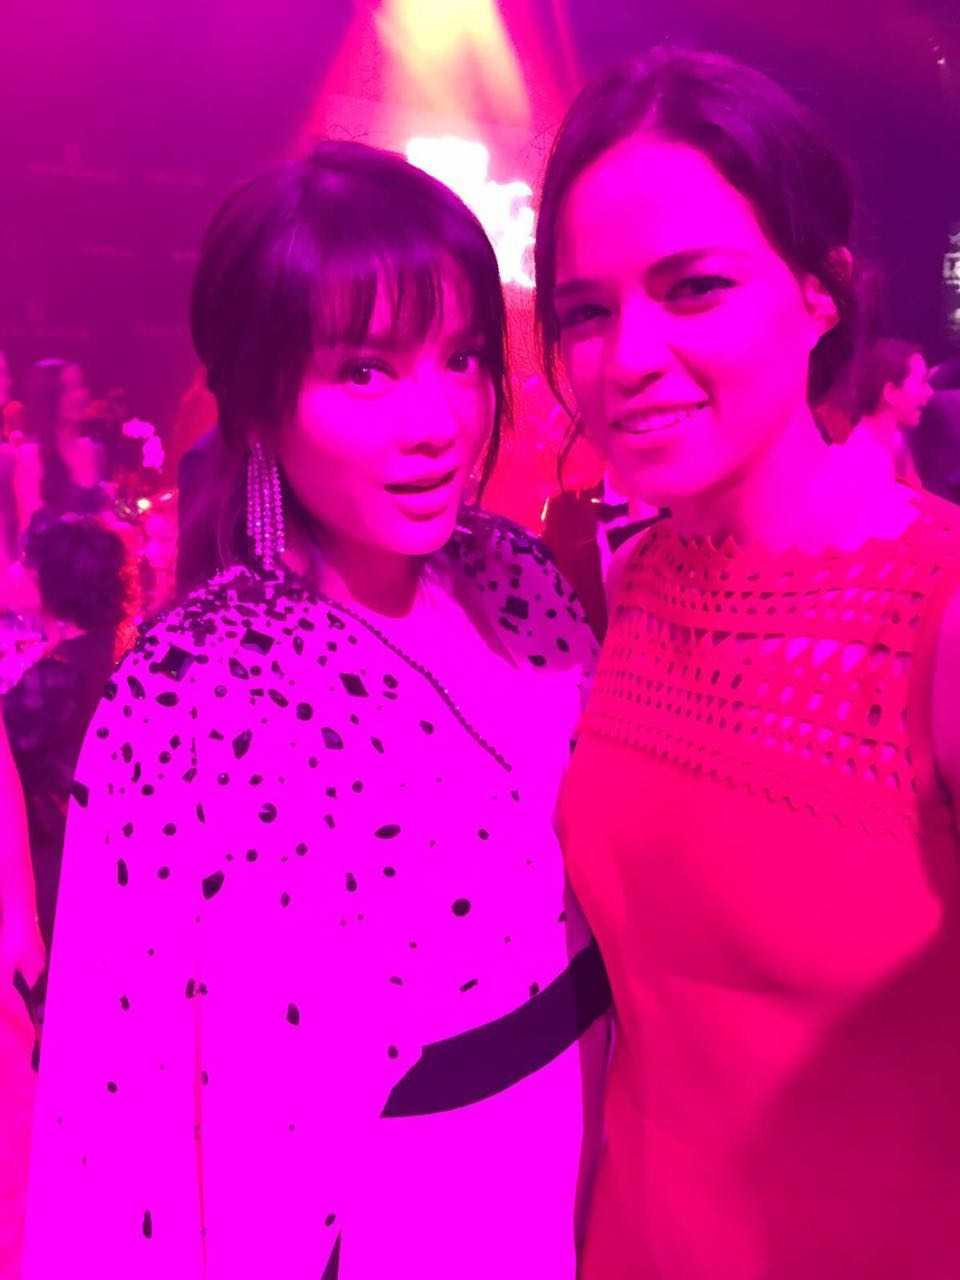 Mỹ nhân Fast & Furiours, Michelle Rodriguez đã nhận ra Lý Nhã Kỳ, cả hai trò chuyện vui vẻ ngày tái ngộ và cùng nhau chụp hình selfie kỷ niệm.